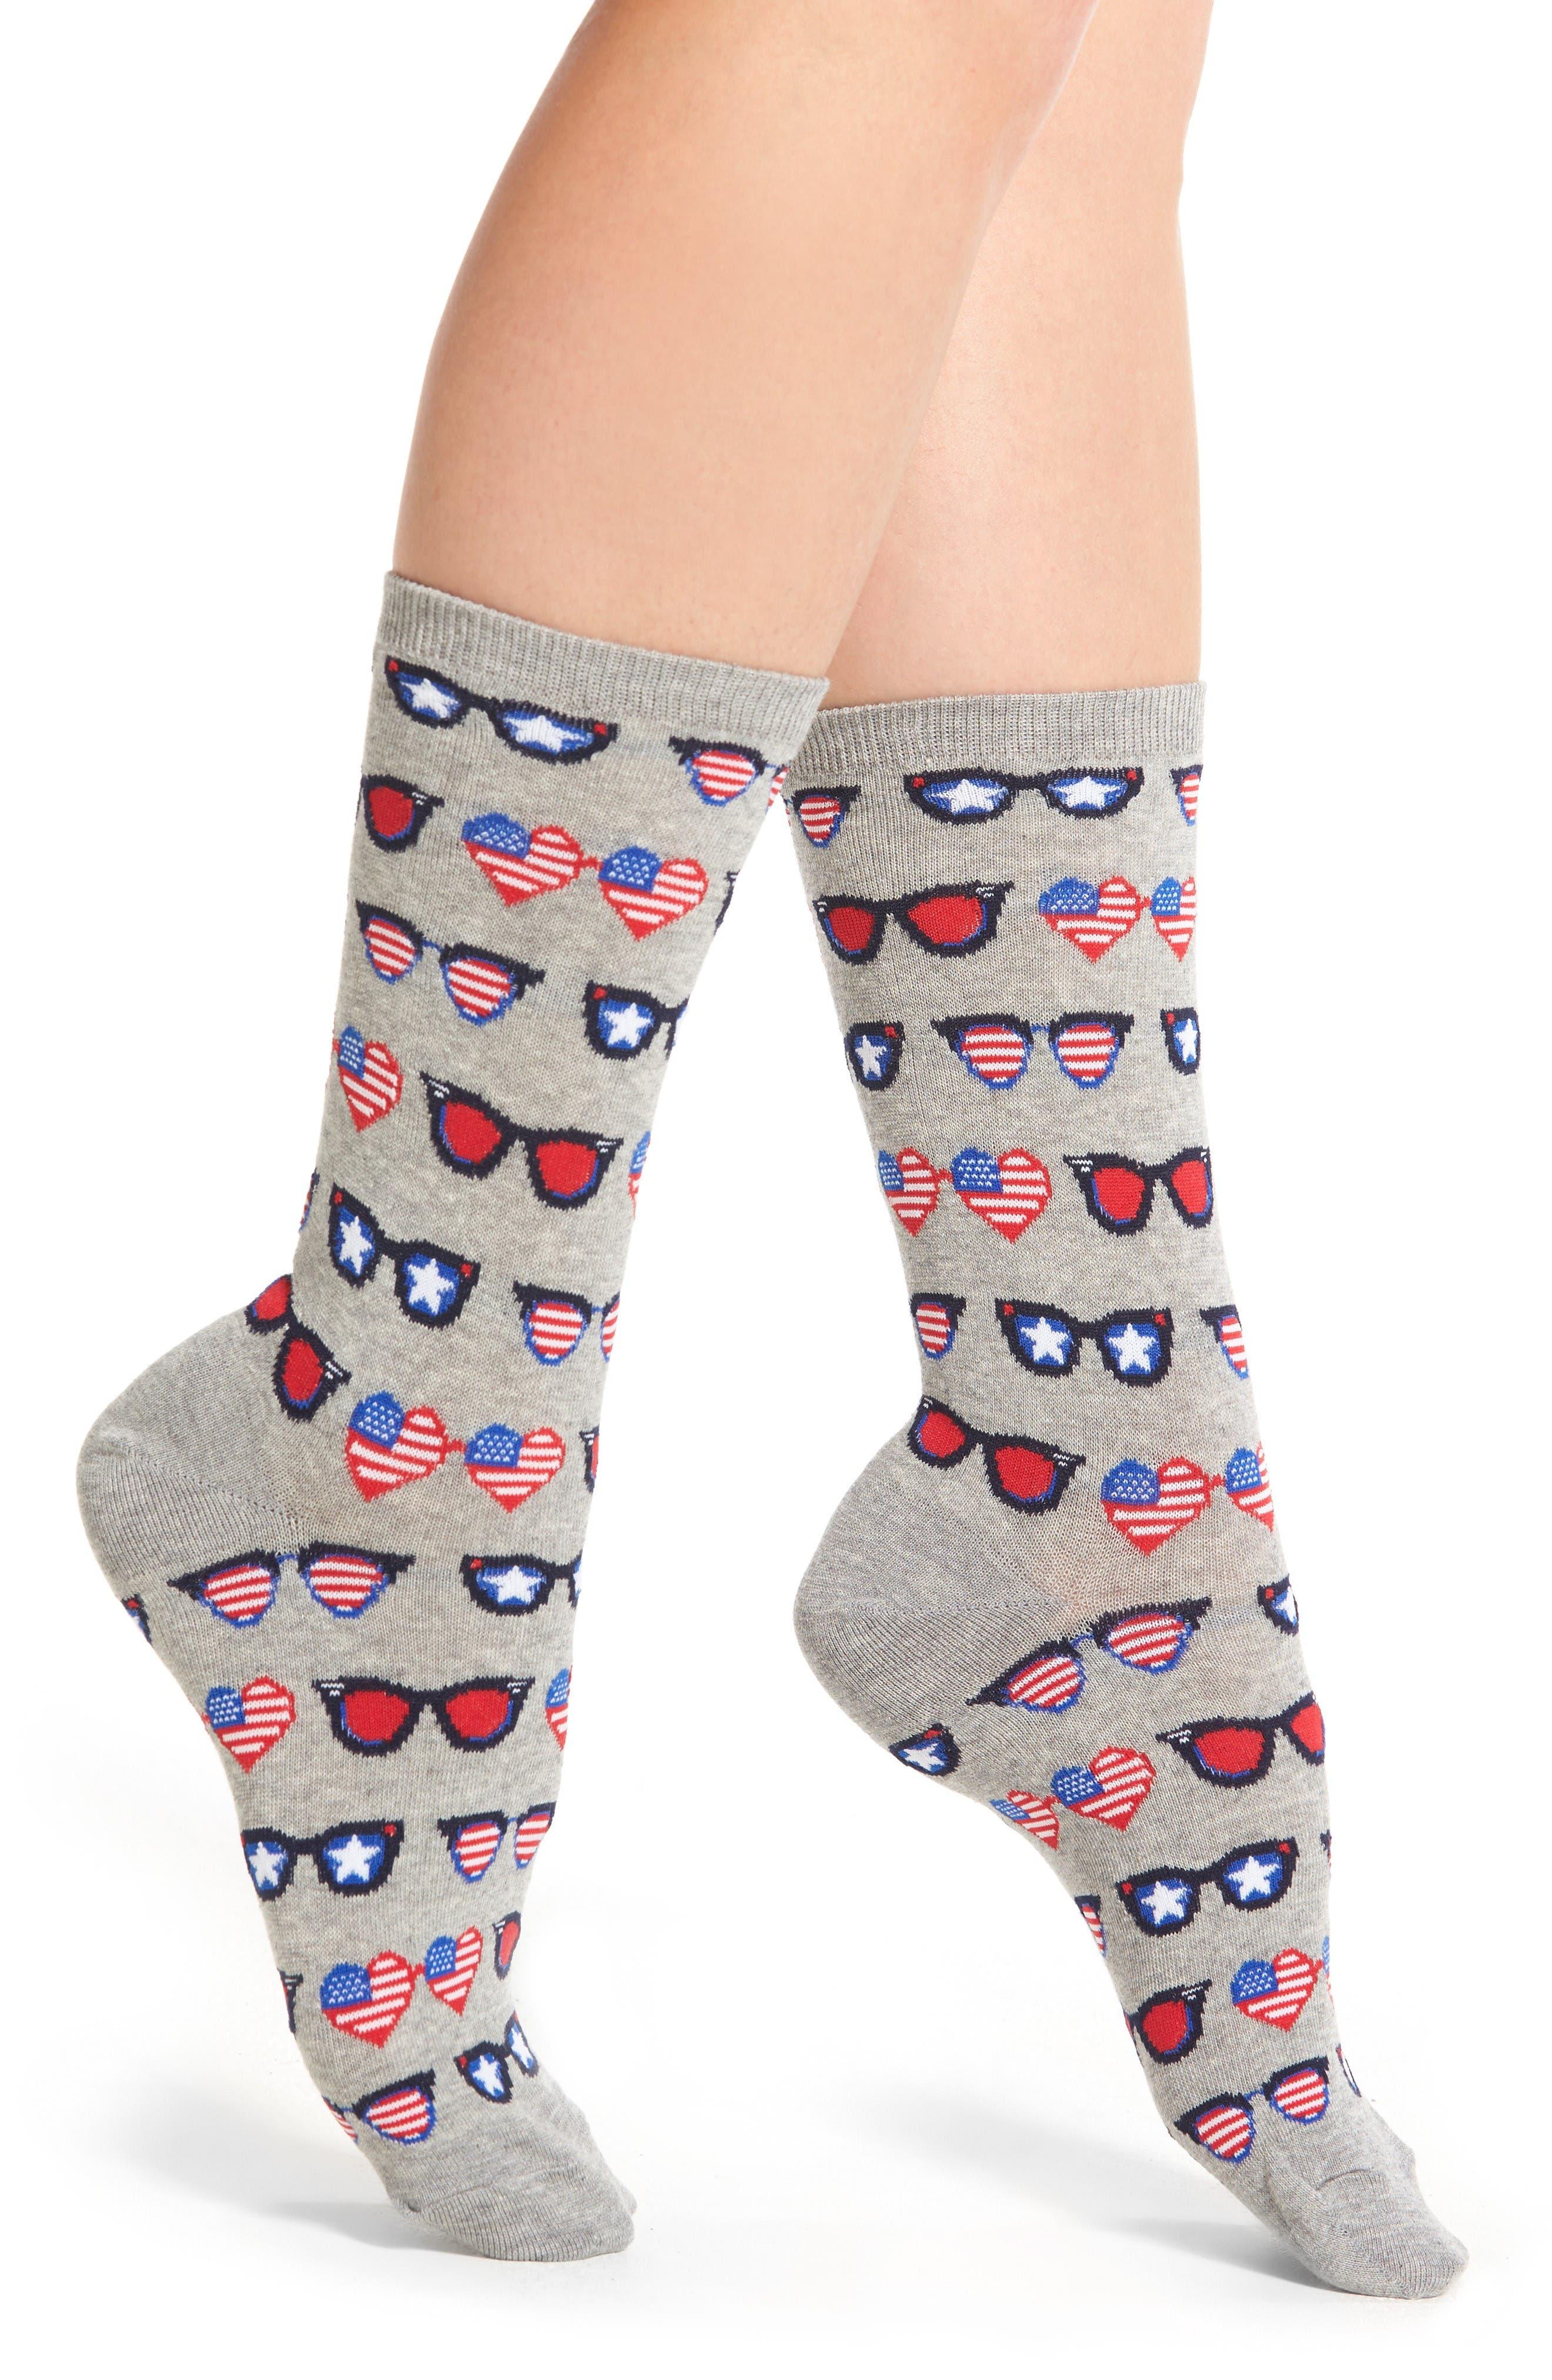 Hot Sox Patriotic Sunglasses Crew Socks